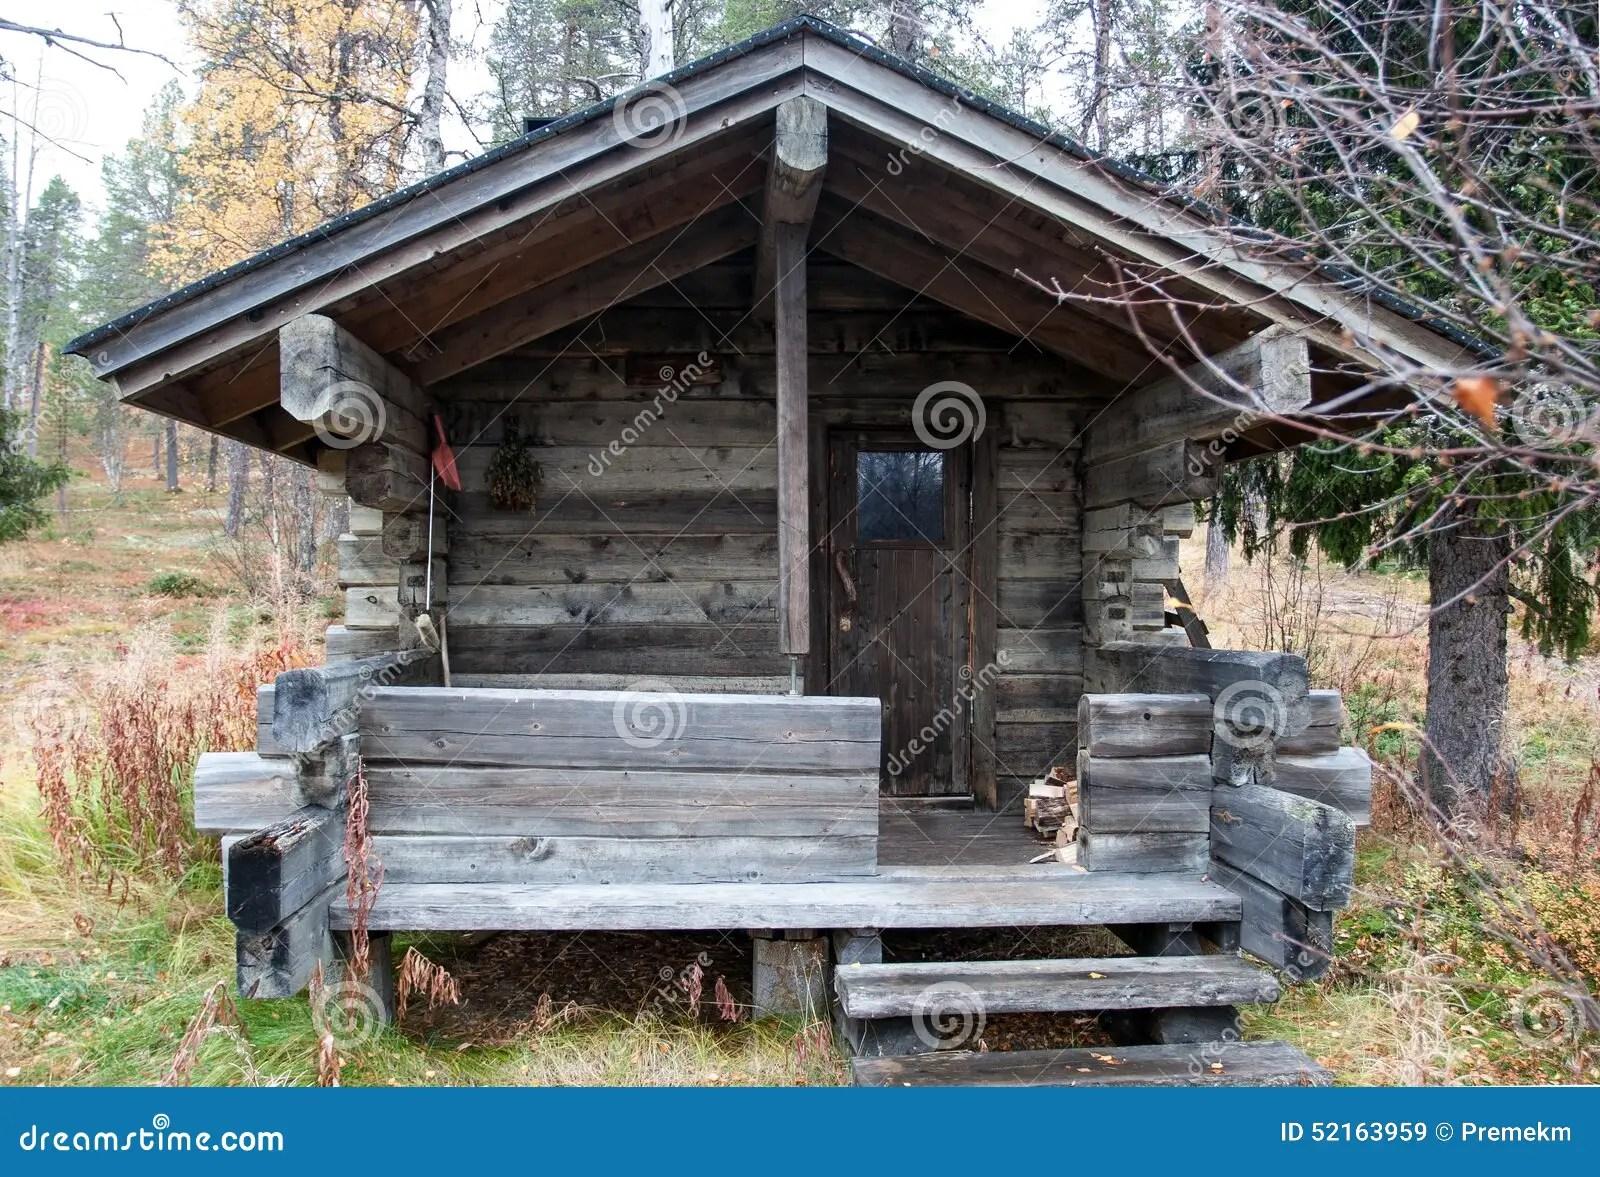 Finnish Women Naked In Sauna - Datawav-6549